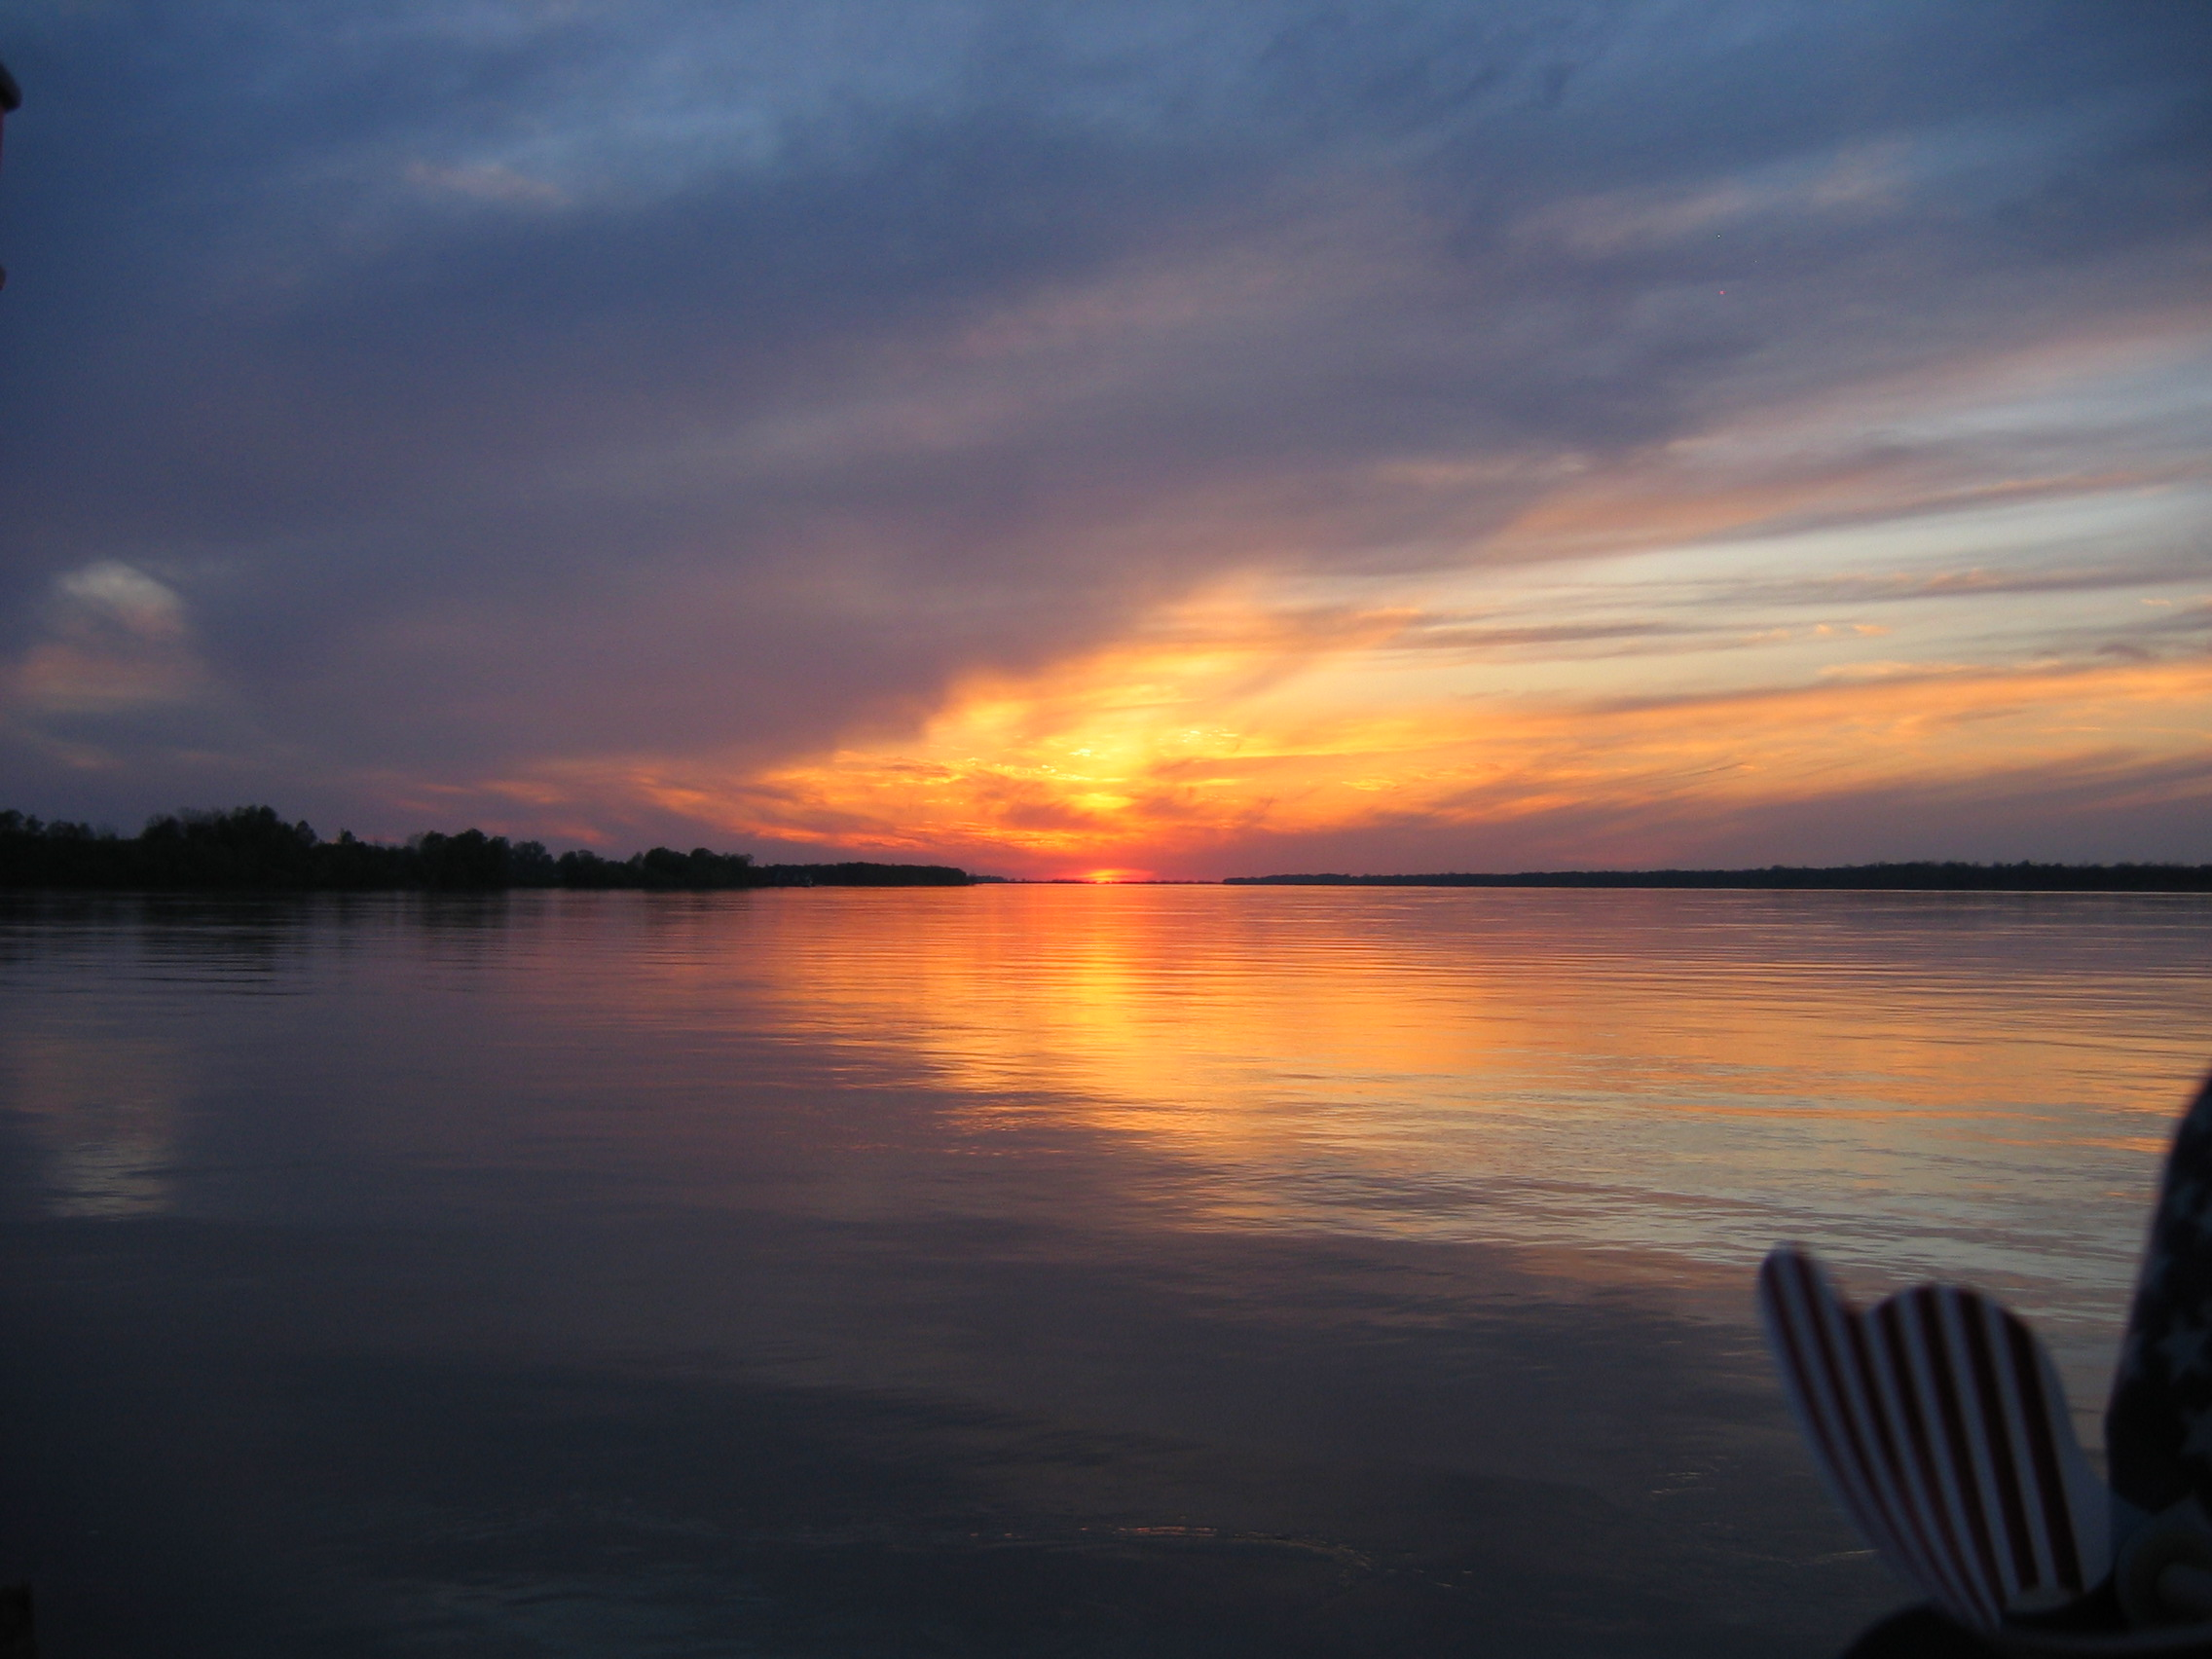 und ein beeindruckender Sonnenuntergang beschließt den Tag